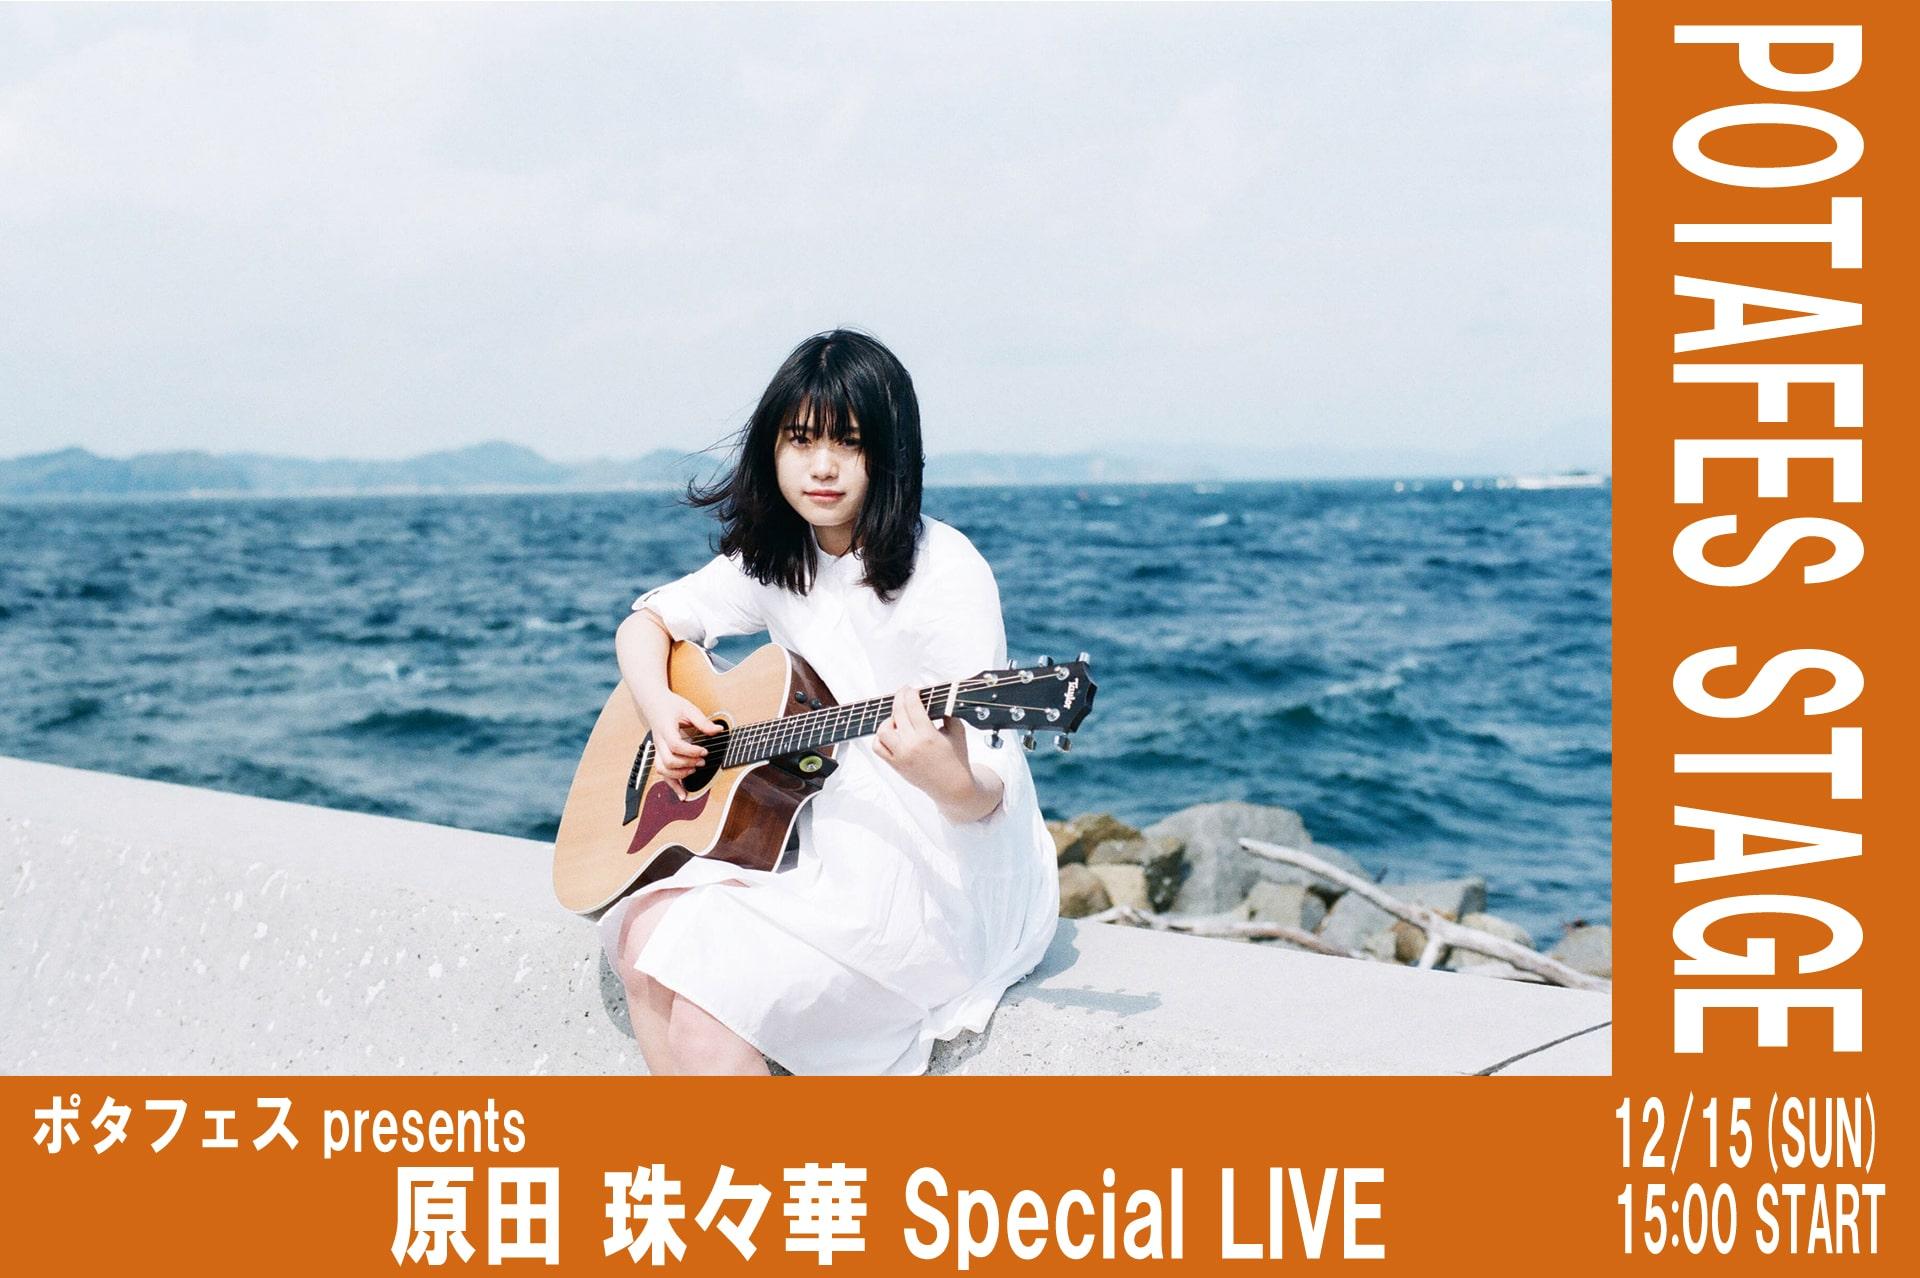 ポタフェス AUTUMN/WINTER TOUR 2019 東京・秋葉原 / ポタフェス presents 原田 珠々華 Special LIVE